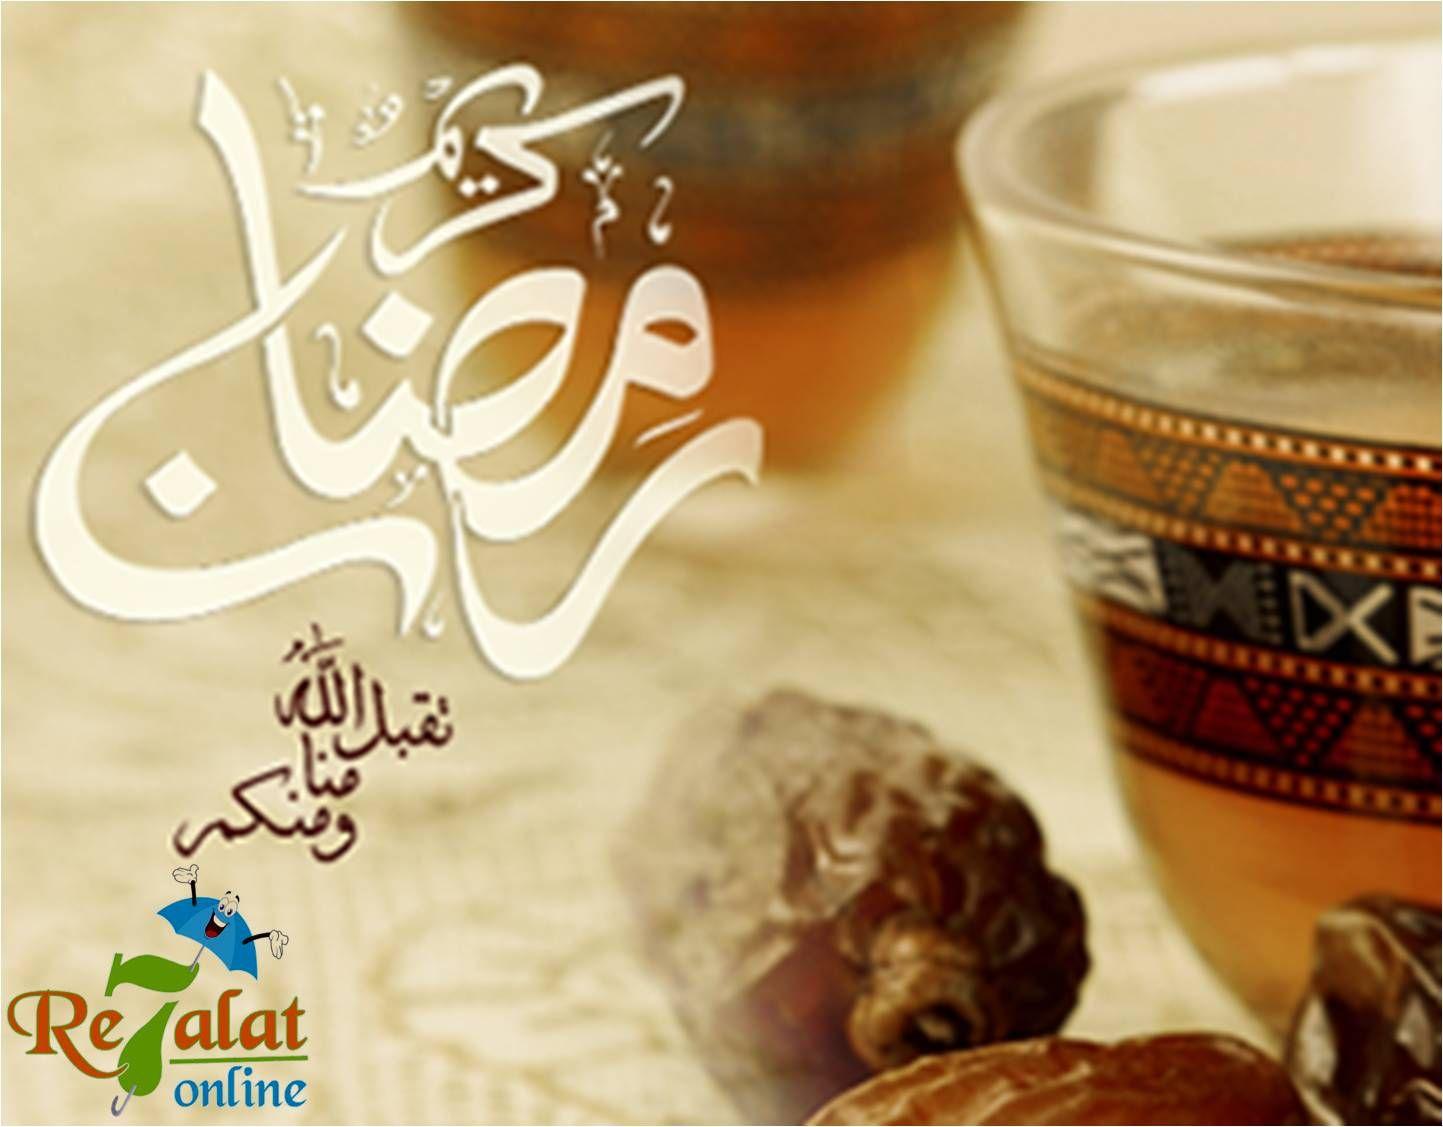 رحلات أونلاين تهنئكم بحلول شهر رمضان المبارك اعادة الله علينا وعليكم باليمن والبركات Www Re7alatonline Ramadan Greatful Ramadan Mubarak